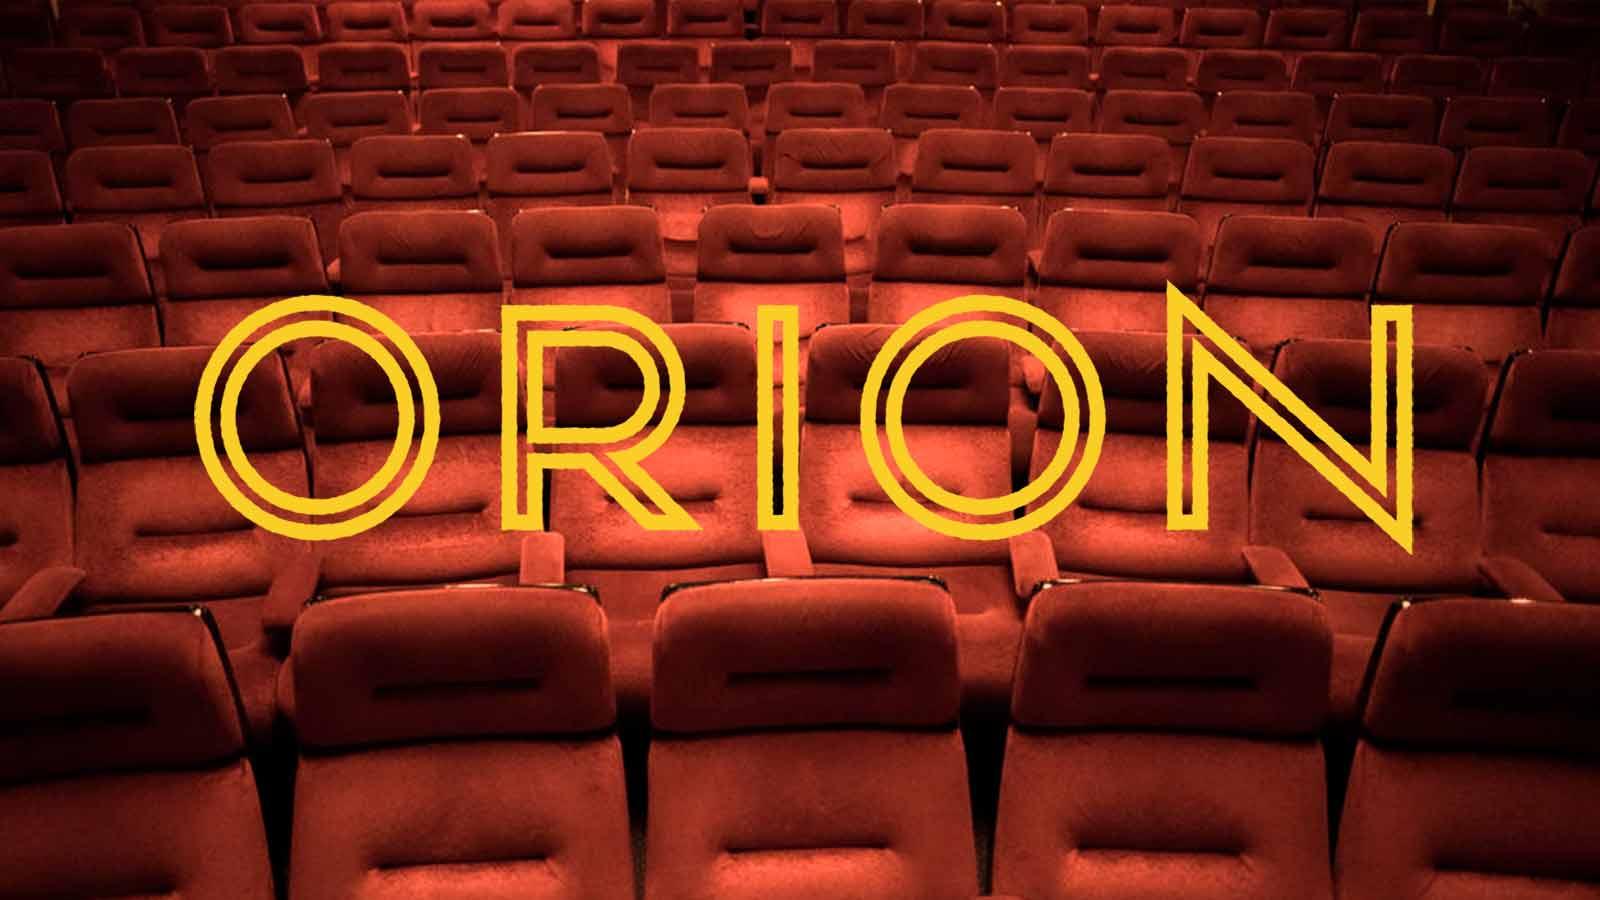 Tervetuloa Helsingin uusimpaan vanhaan elokuvateatteriin - Cinema Orion